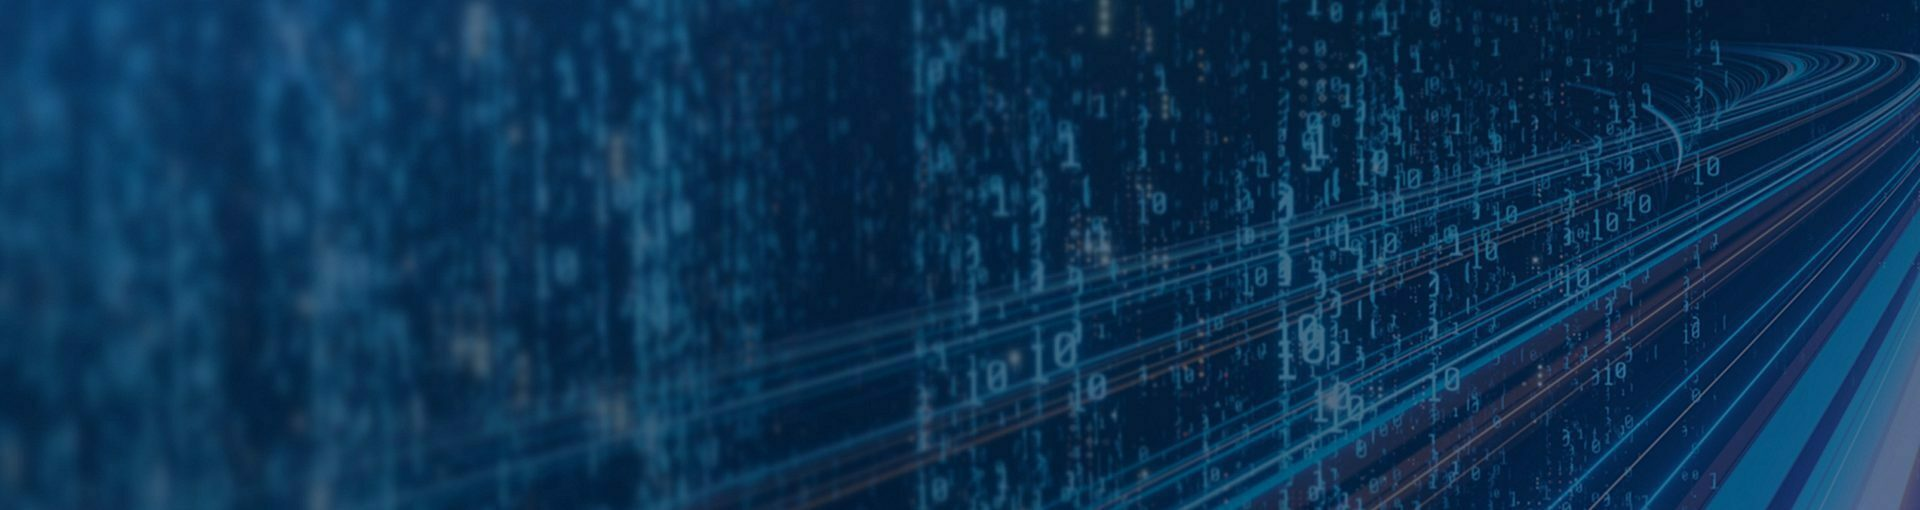 Pervasive Datacenter Architecture